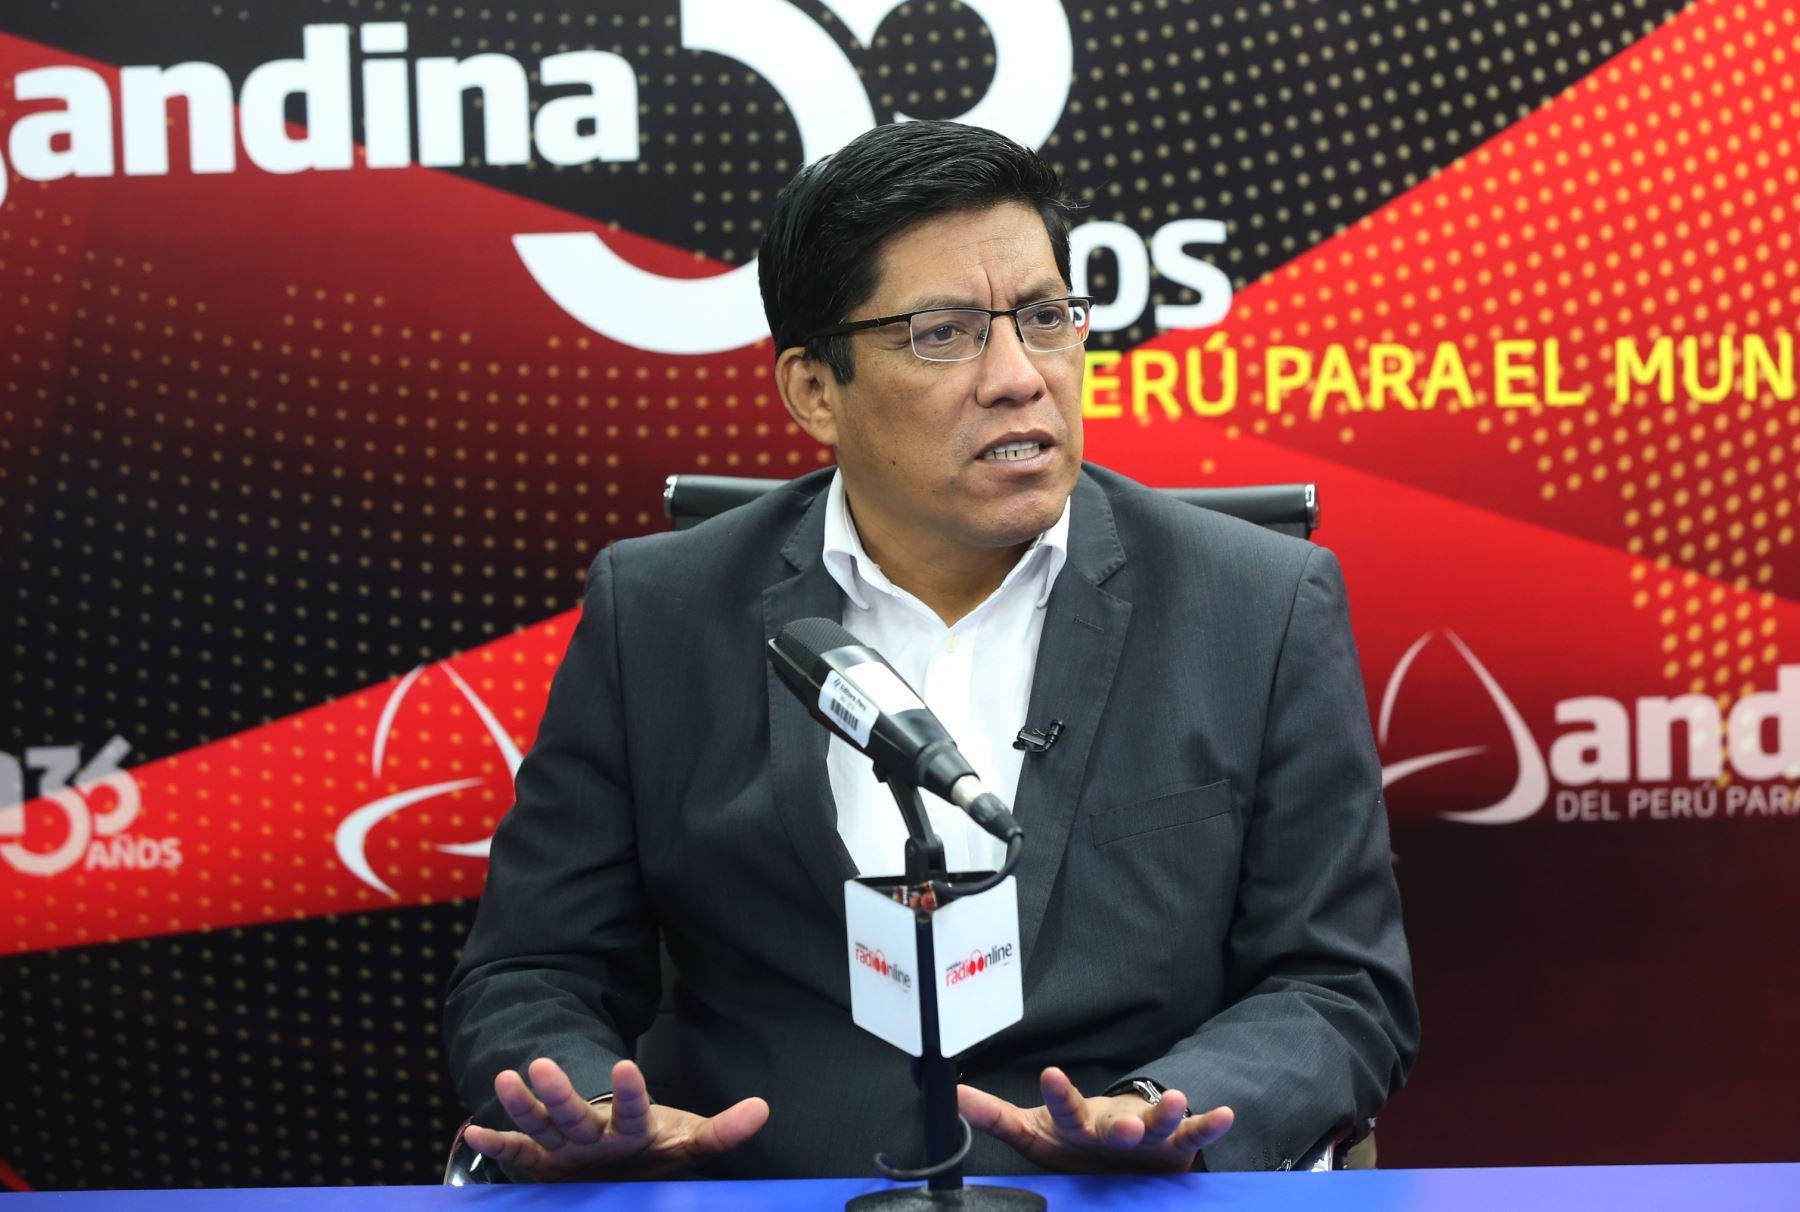 Ministro de Justicia, Vicente Zeballos. Foto: ANDINA/Jhony Laurente